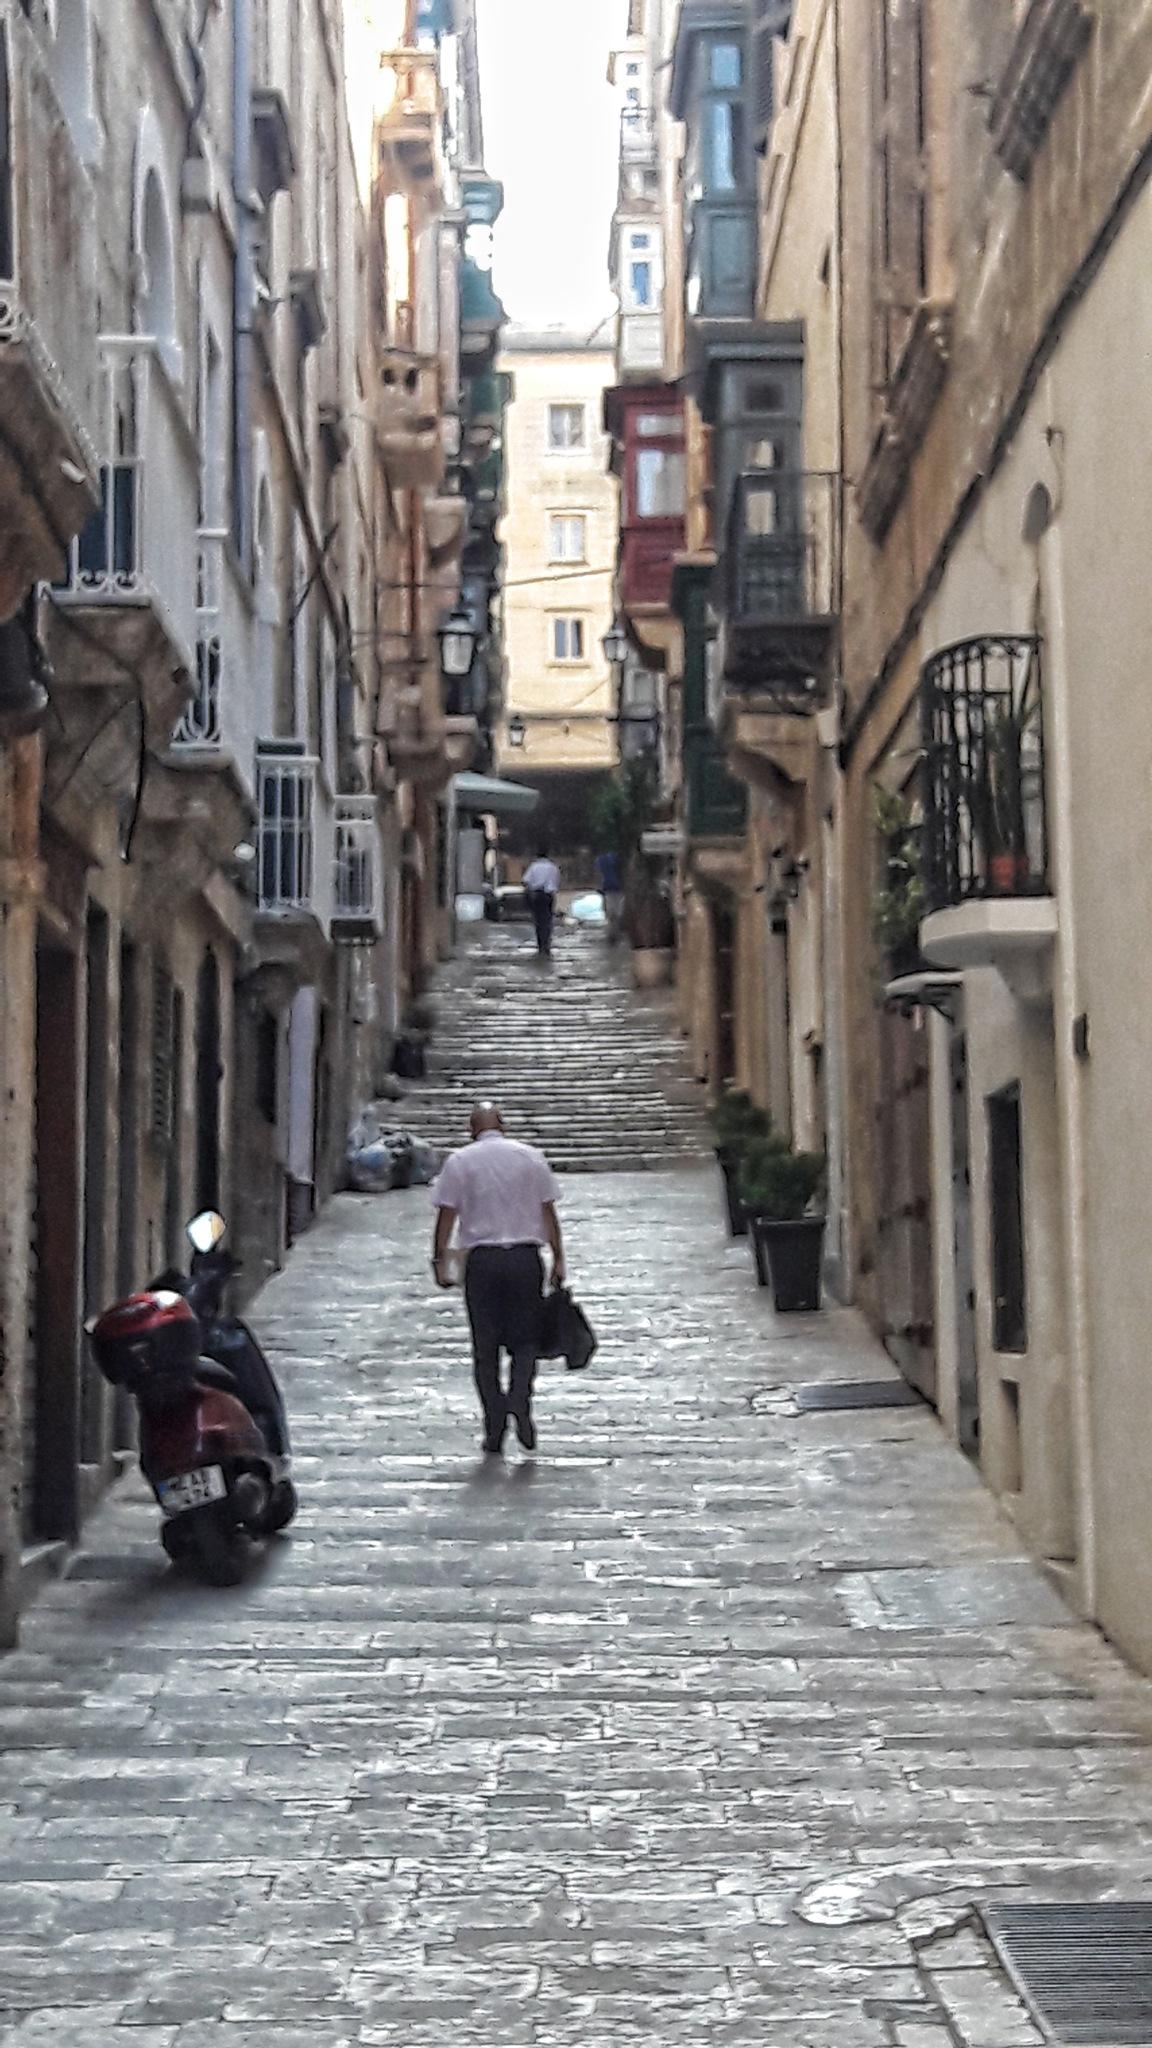 A narrow street in Valletta, Malta by peter.busuttil